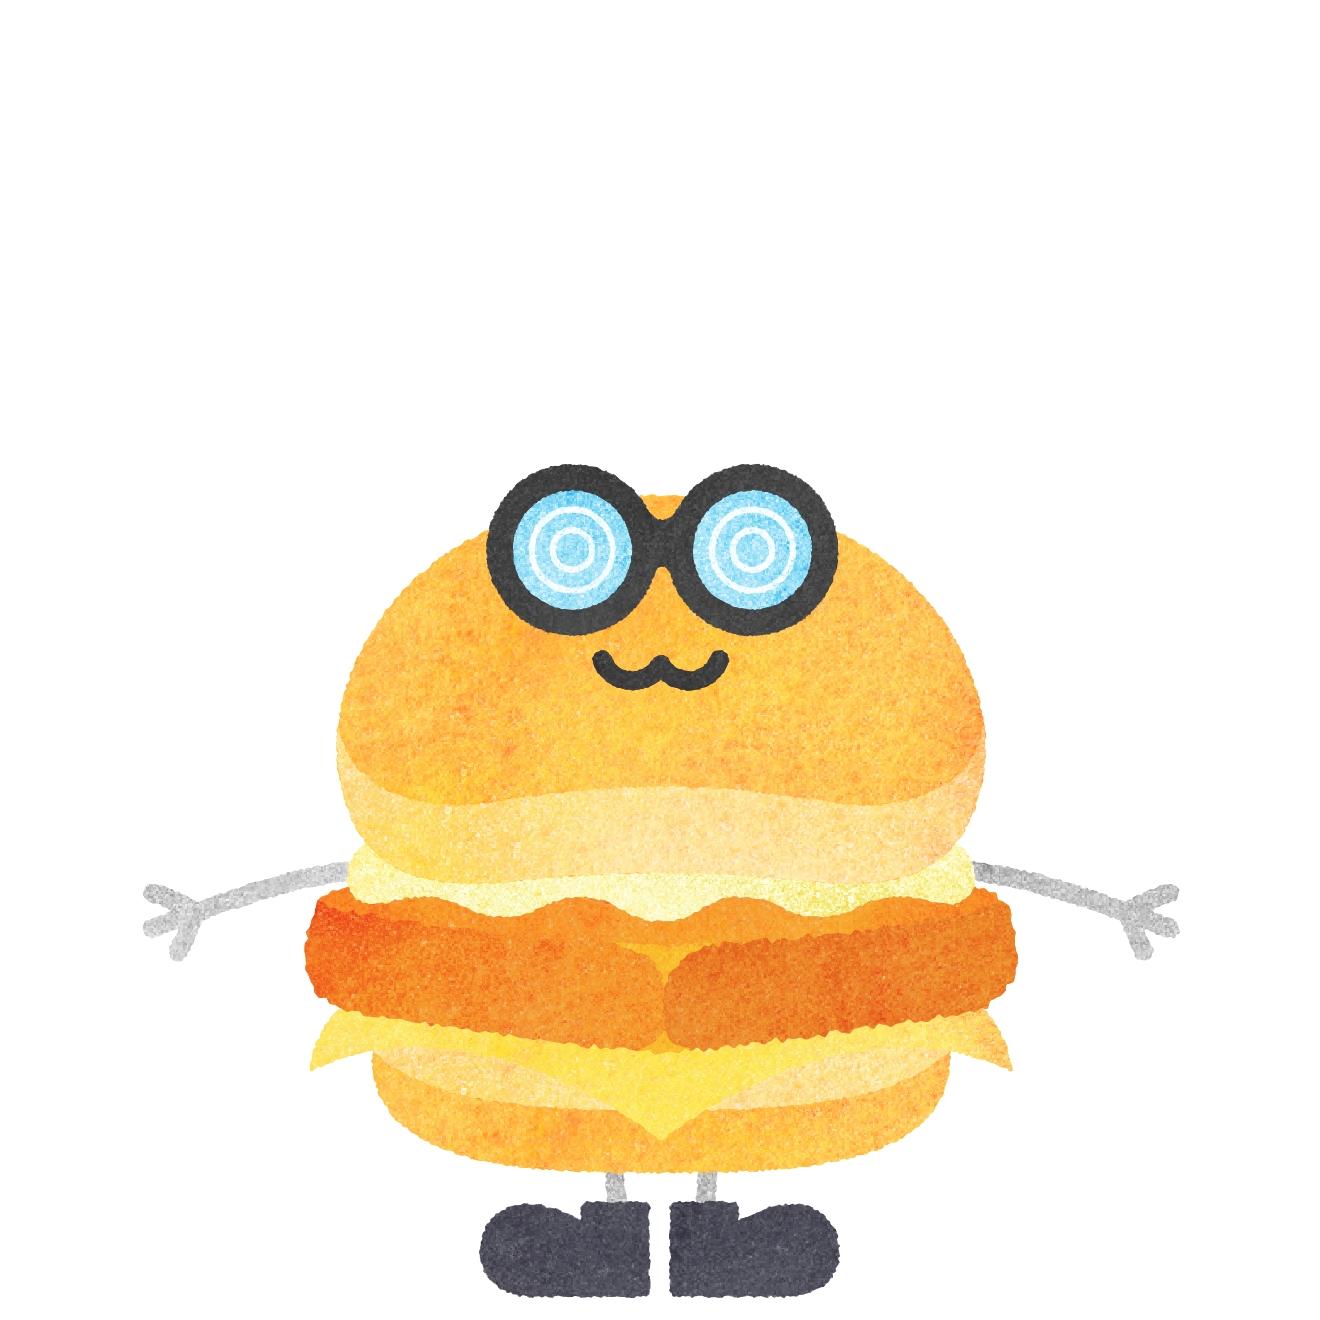 Fishburger.jpg